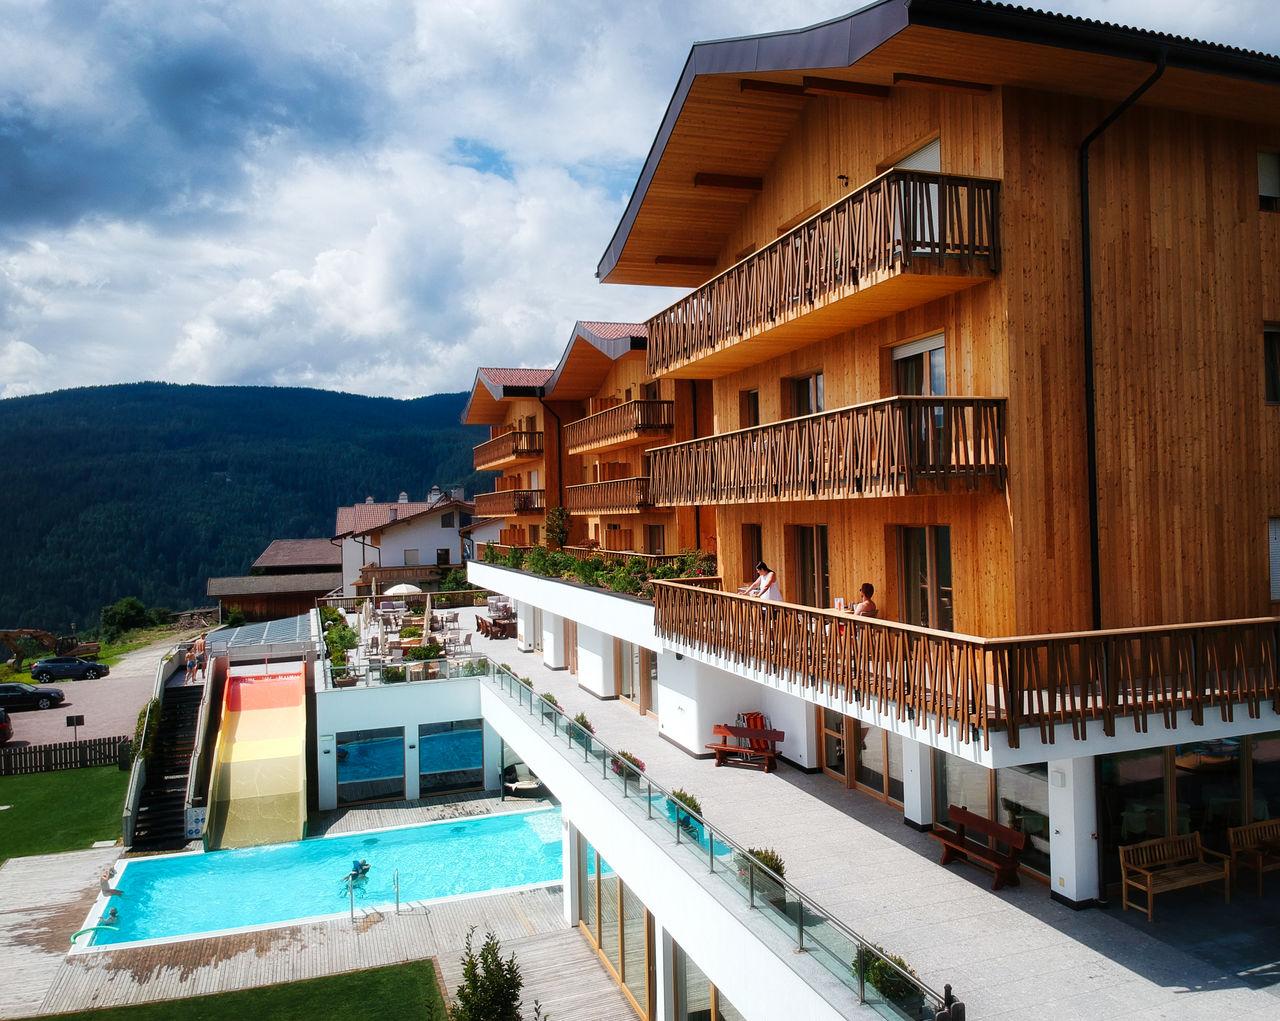 Family Home Alpenhof Zuid Tirol Italie